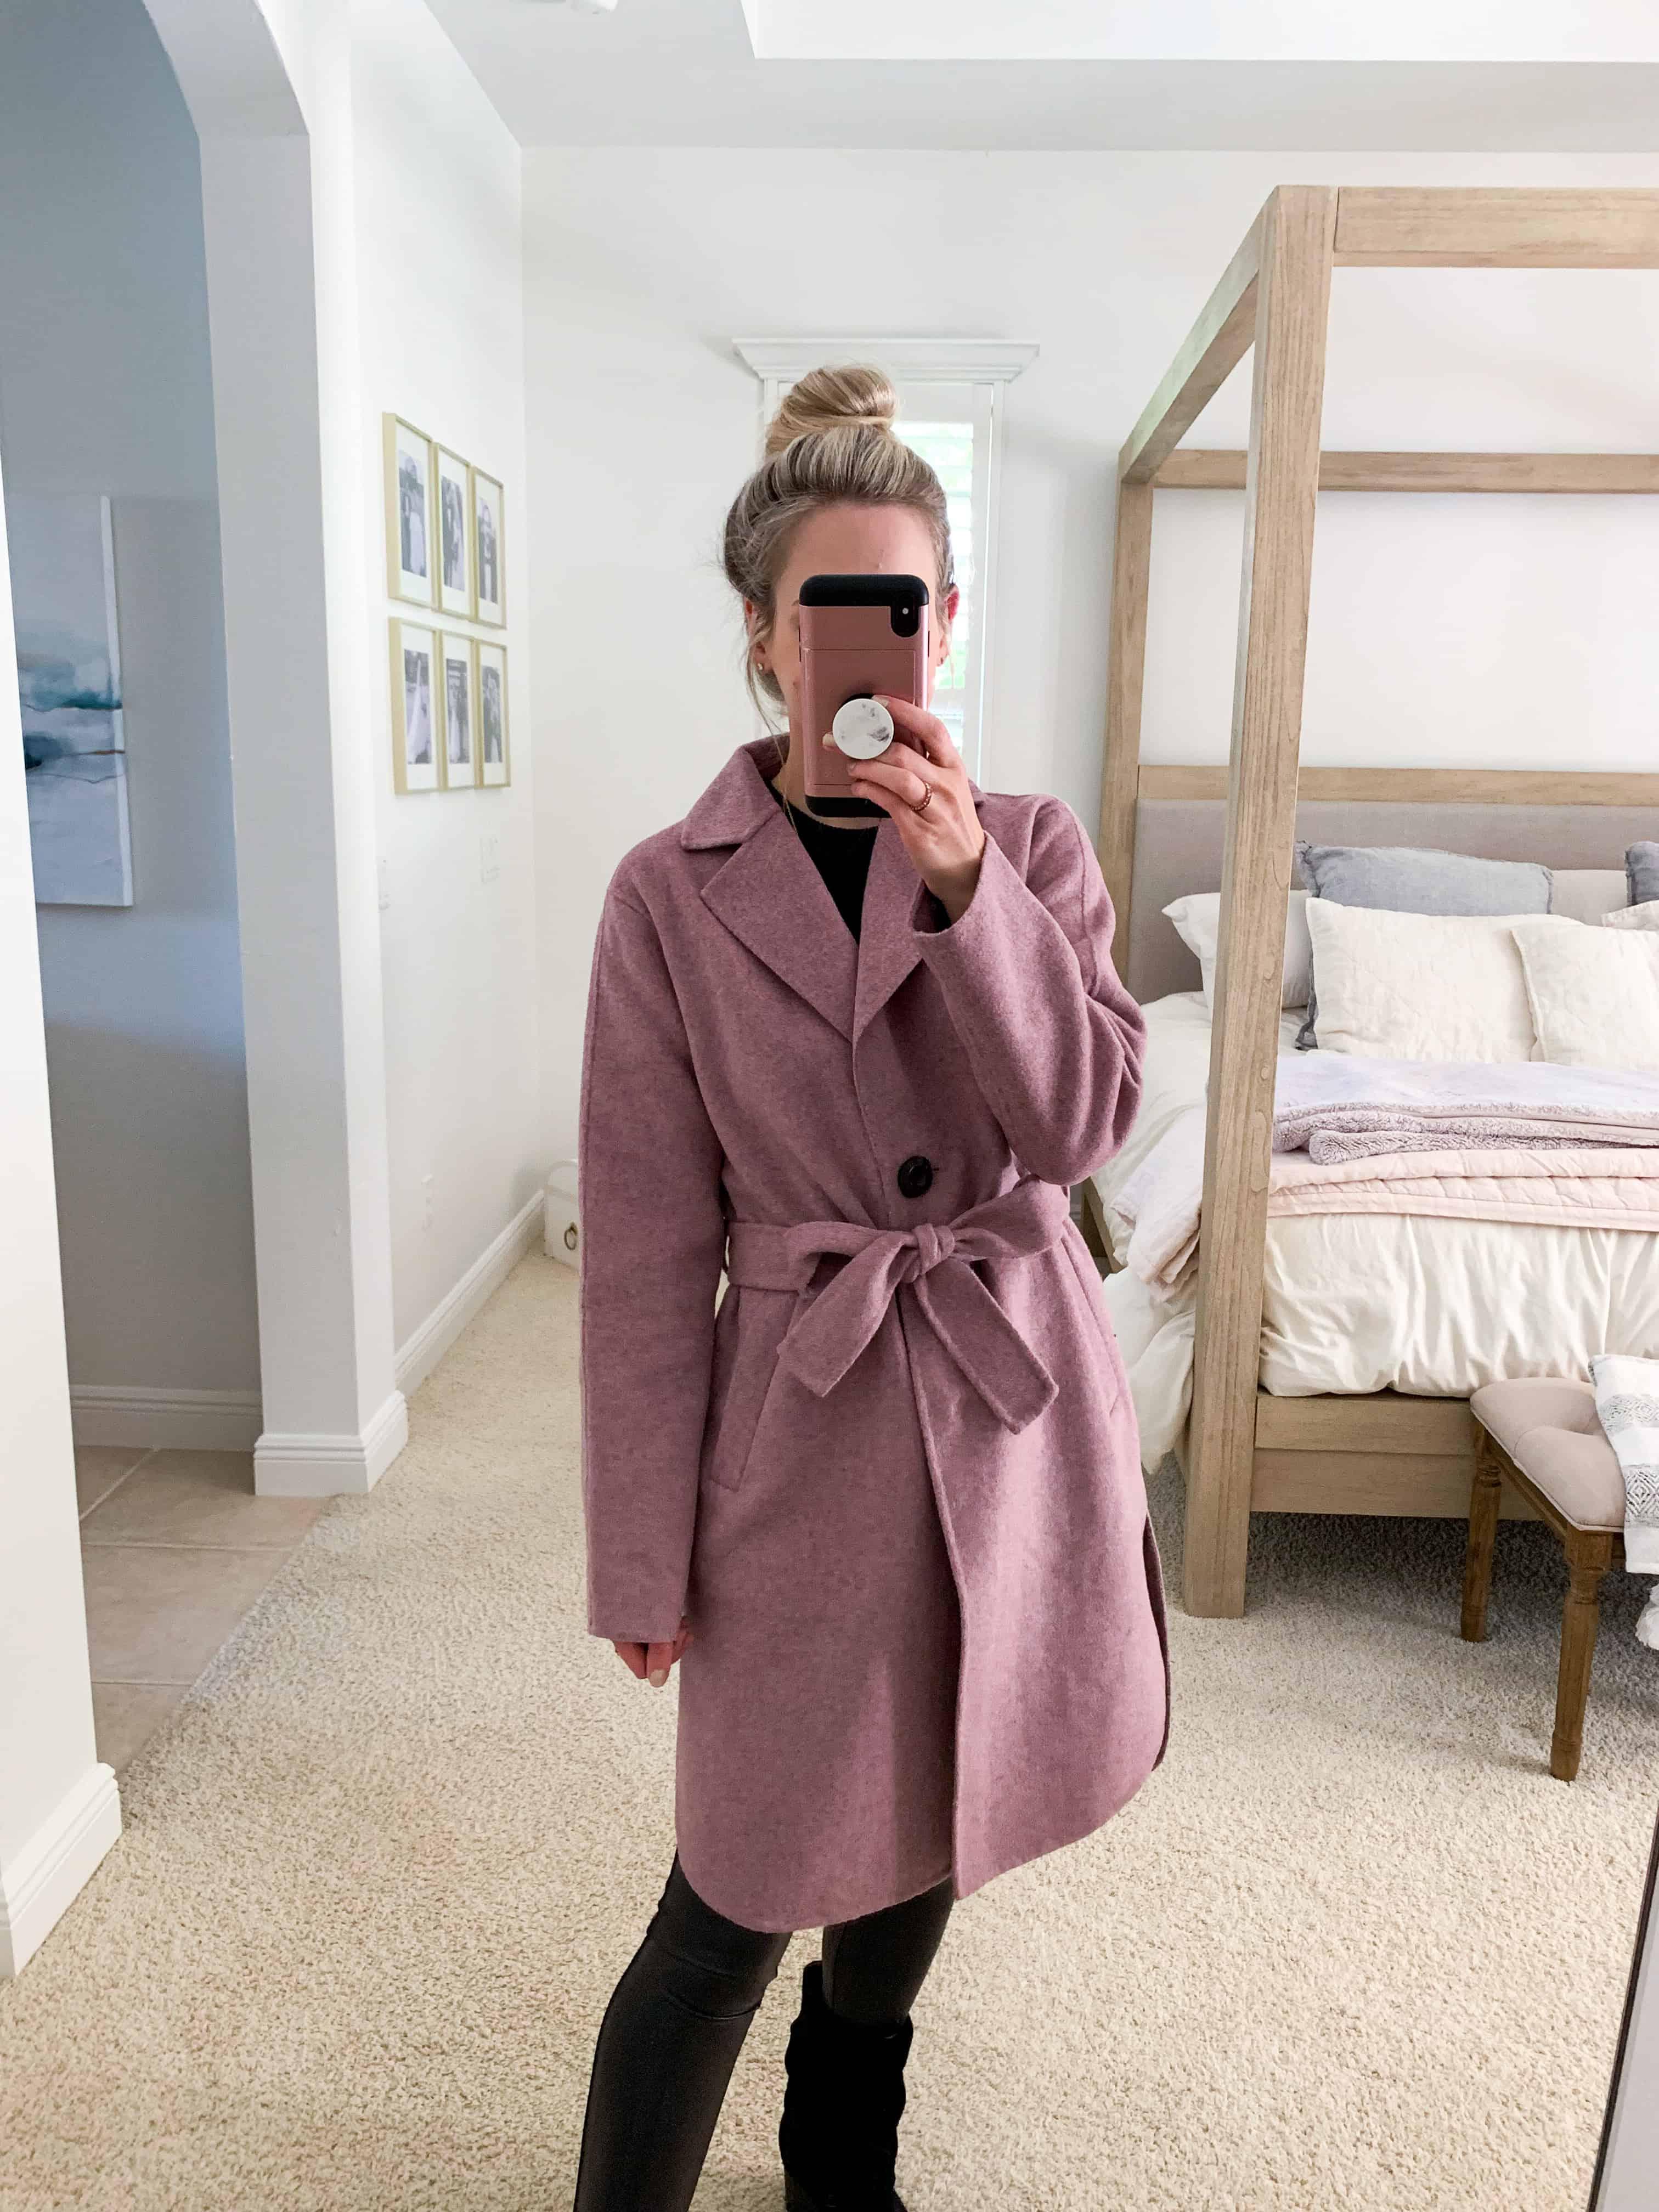 Katies Bliss Sam Edelman Belted Wool Blend Coat